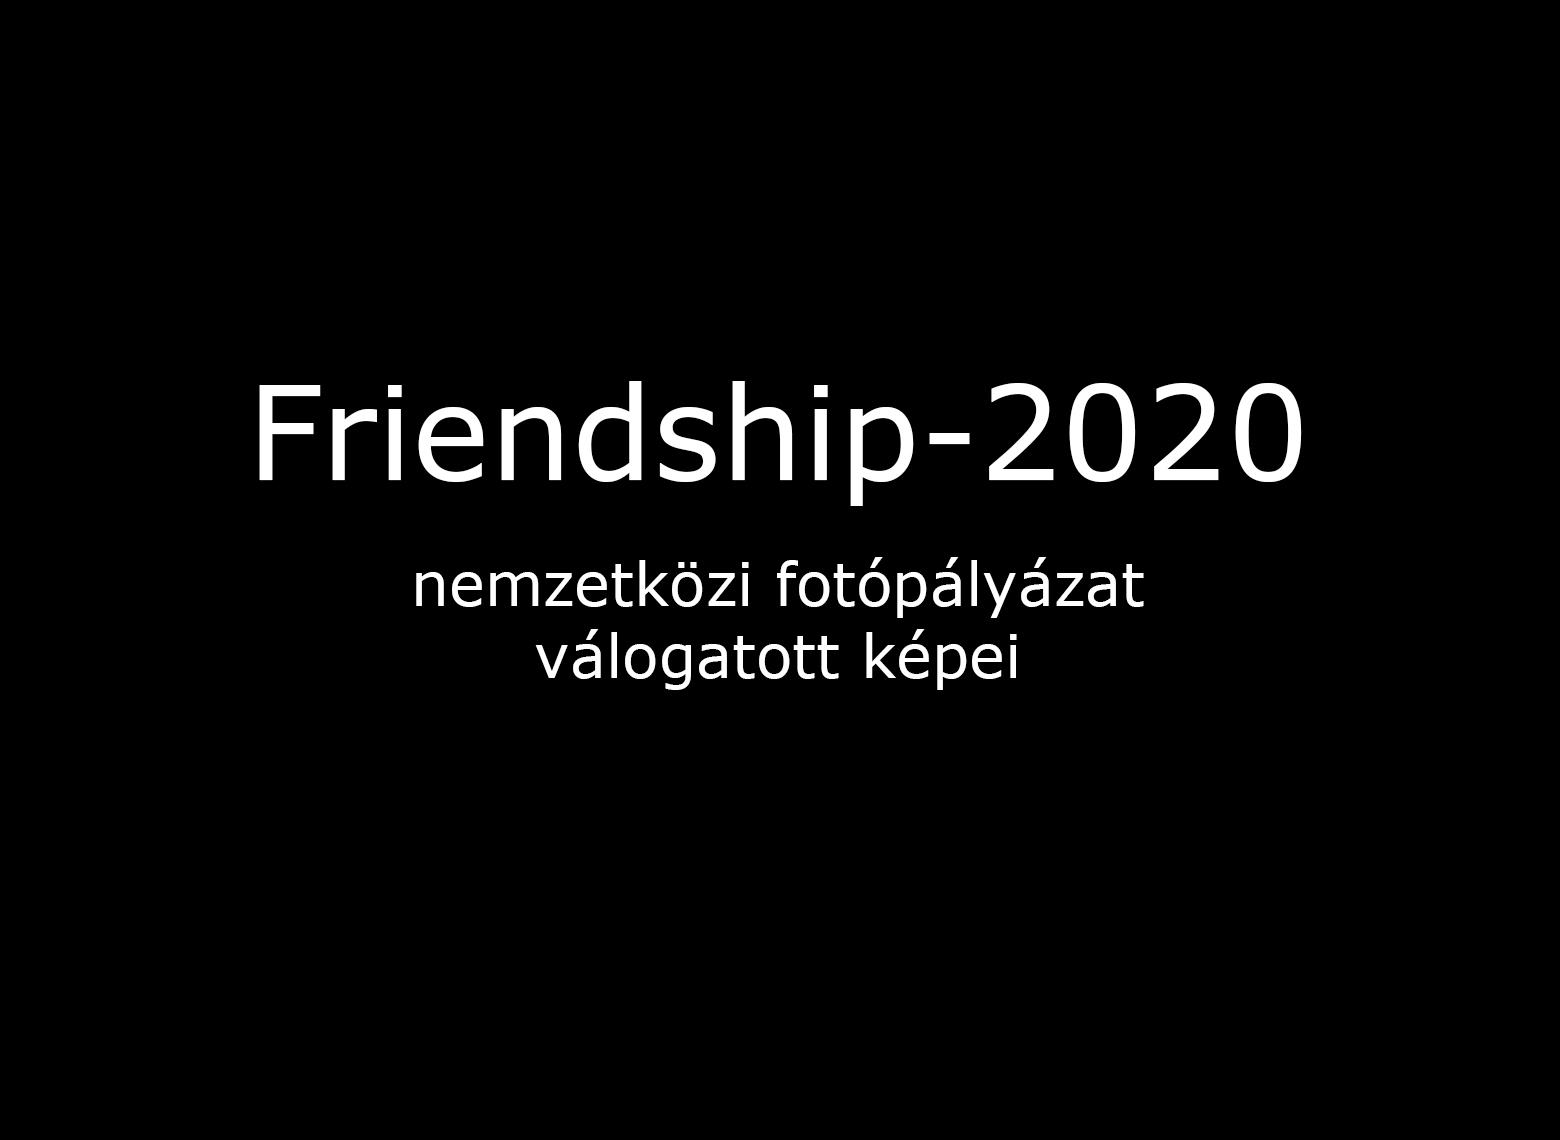 Friendship-2010